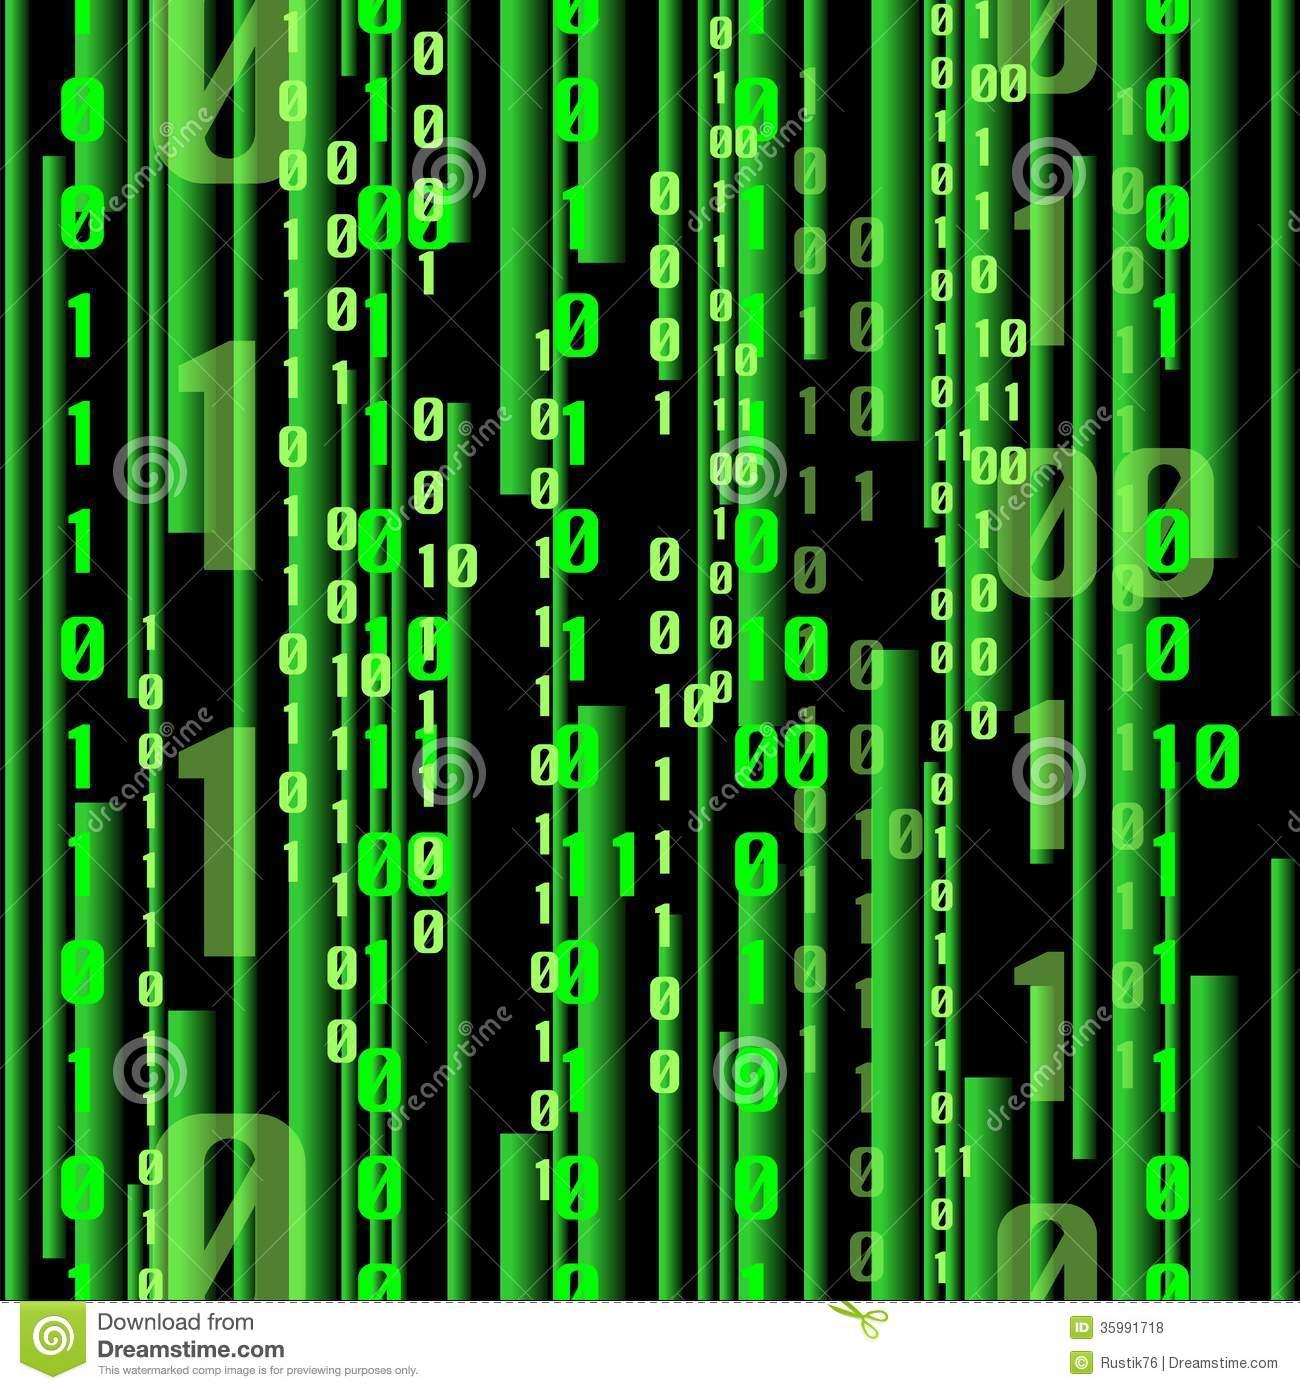 Free clipart matrix.